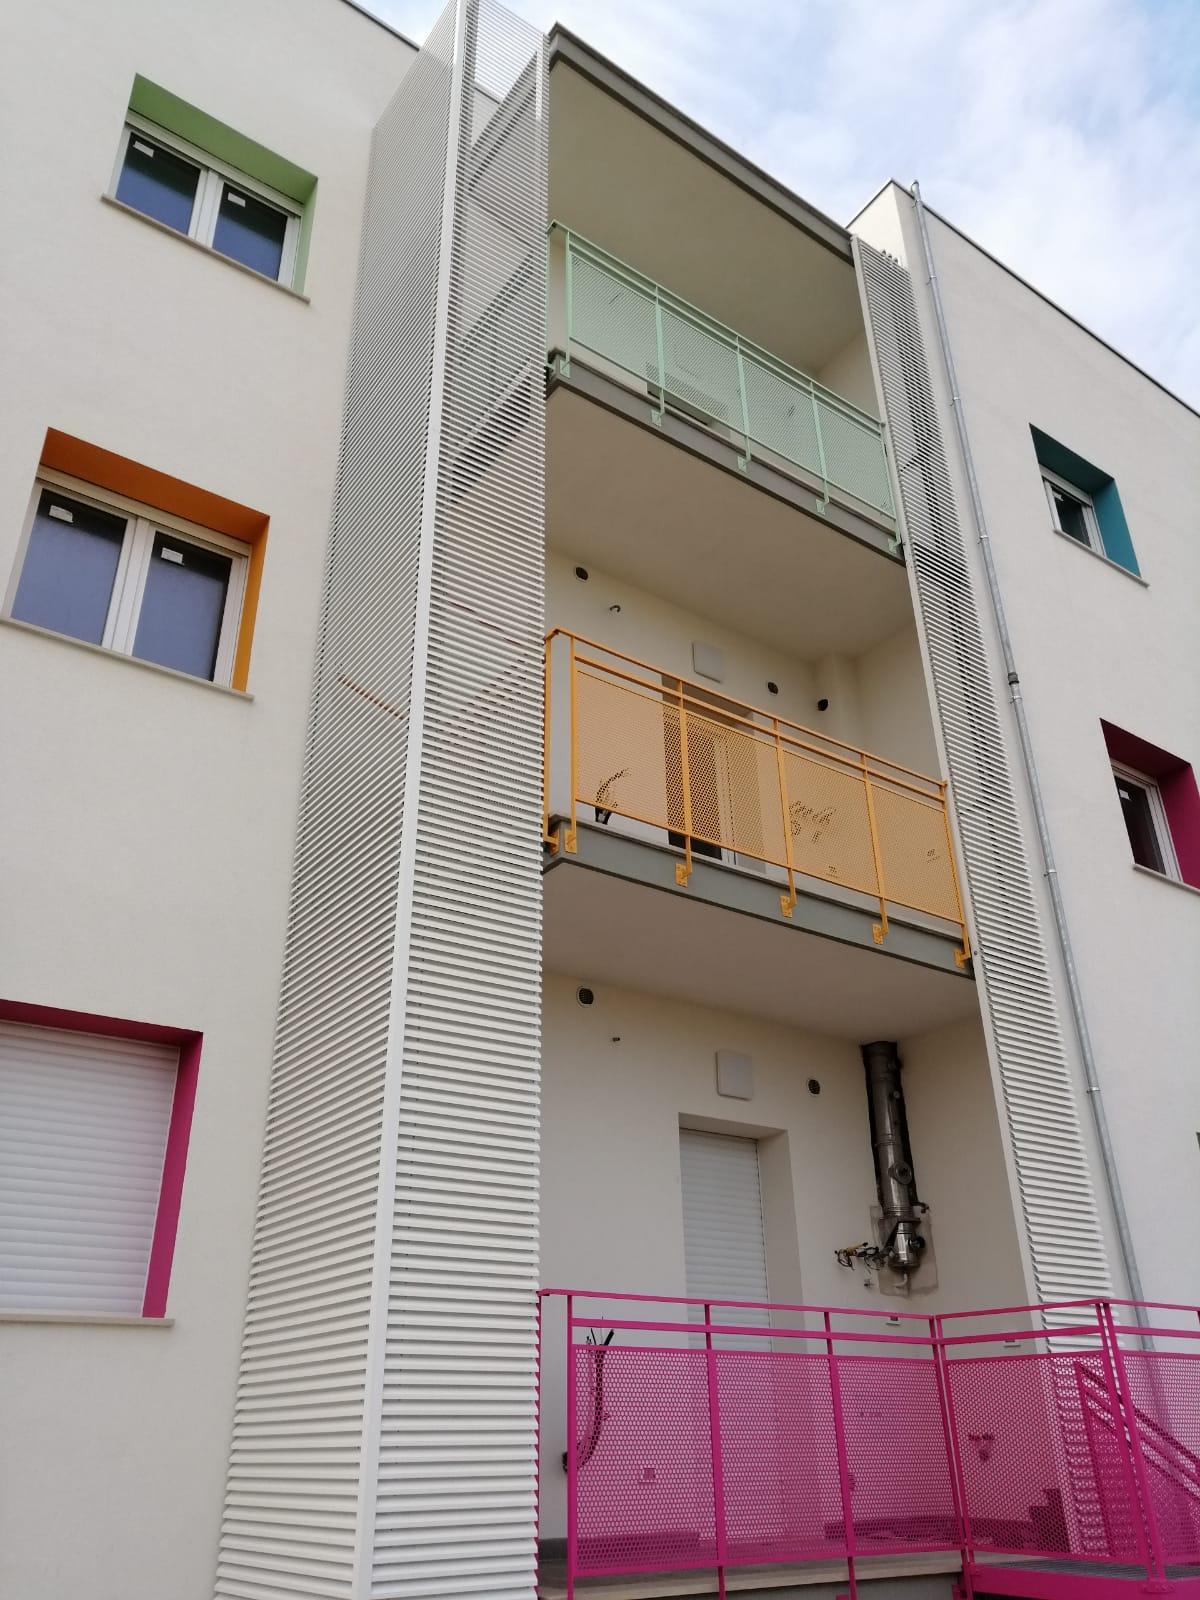 Coperture colorate per balconi con lamelle in alluminio - Bari, Brindisi, Puglia